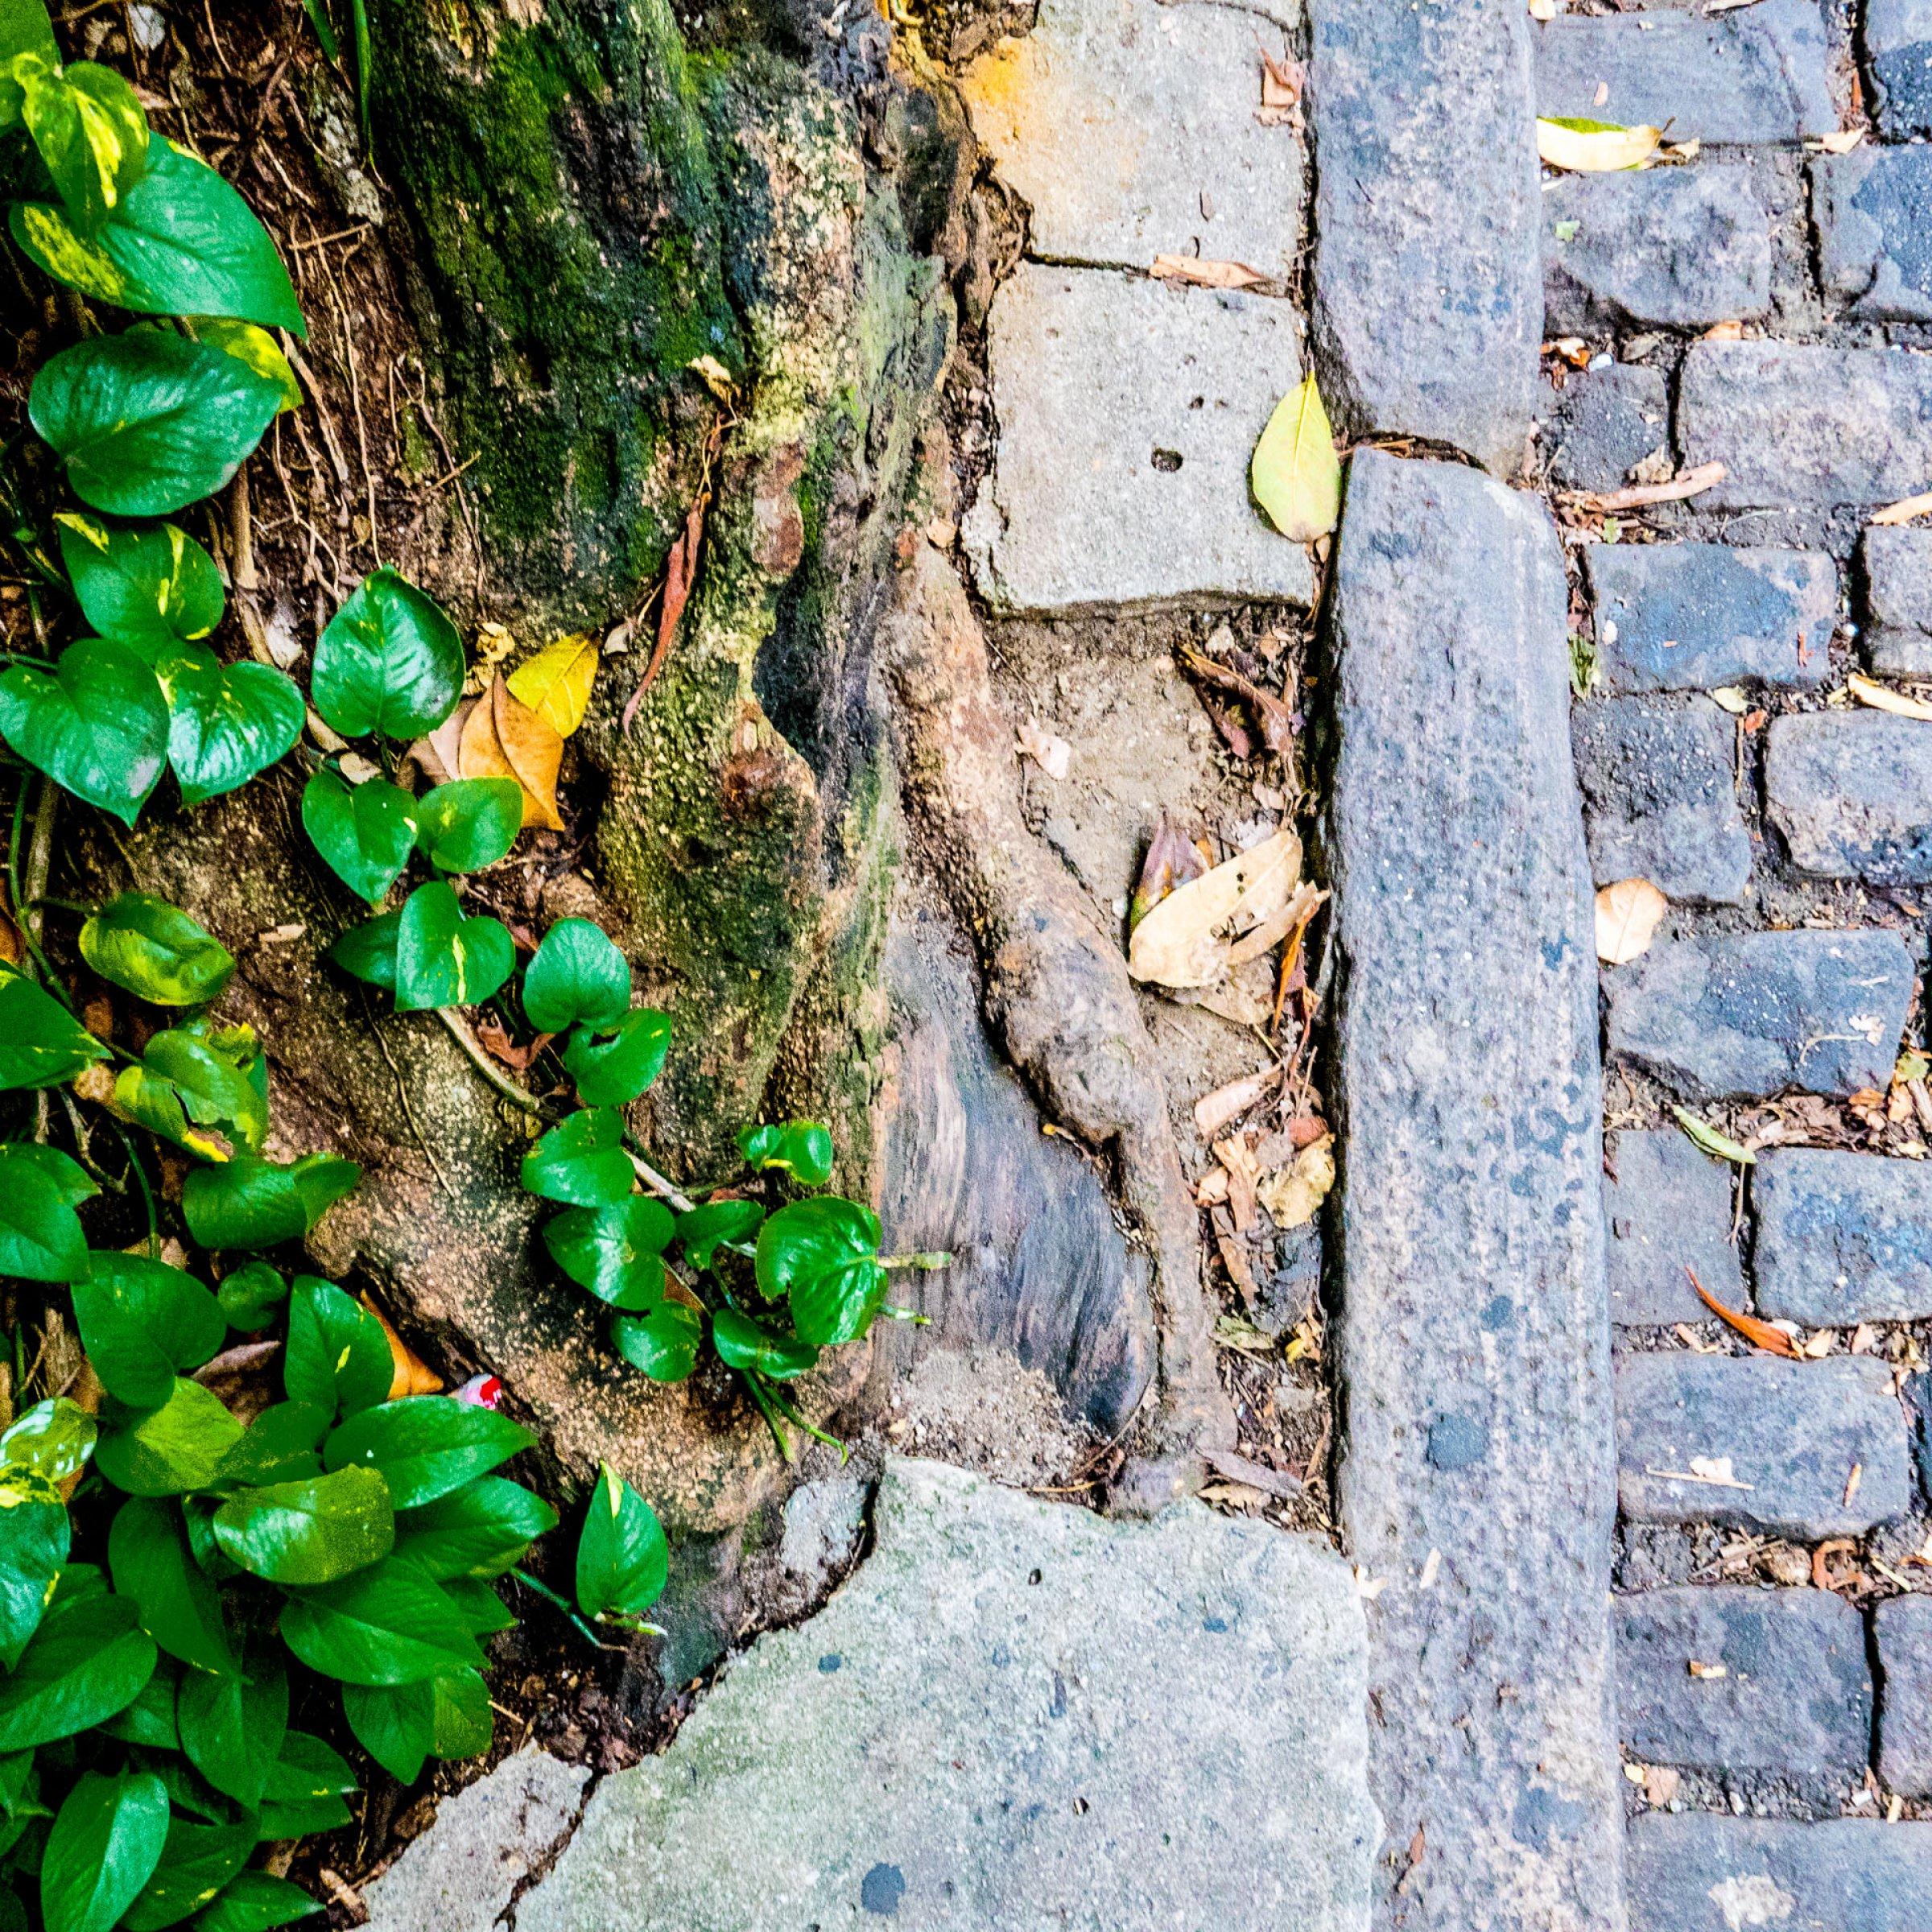 IN DANISH: Drop skåltalerne – vi er ikke så bæredygtige som vi tror